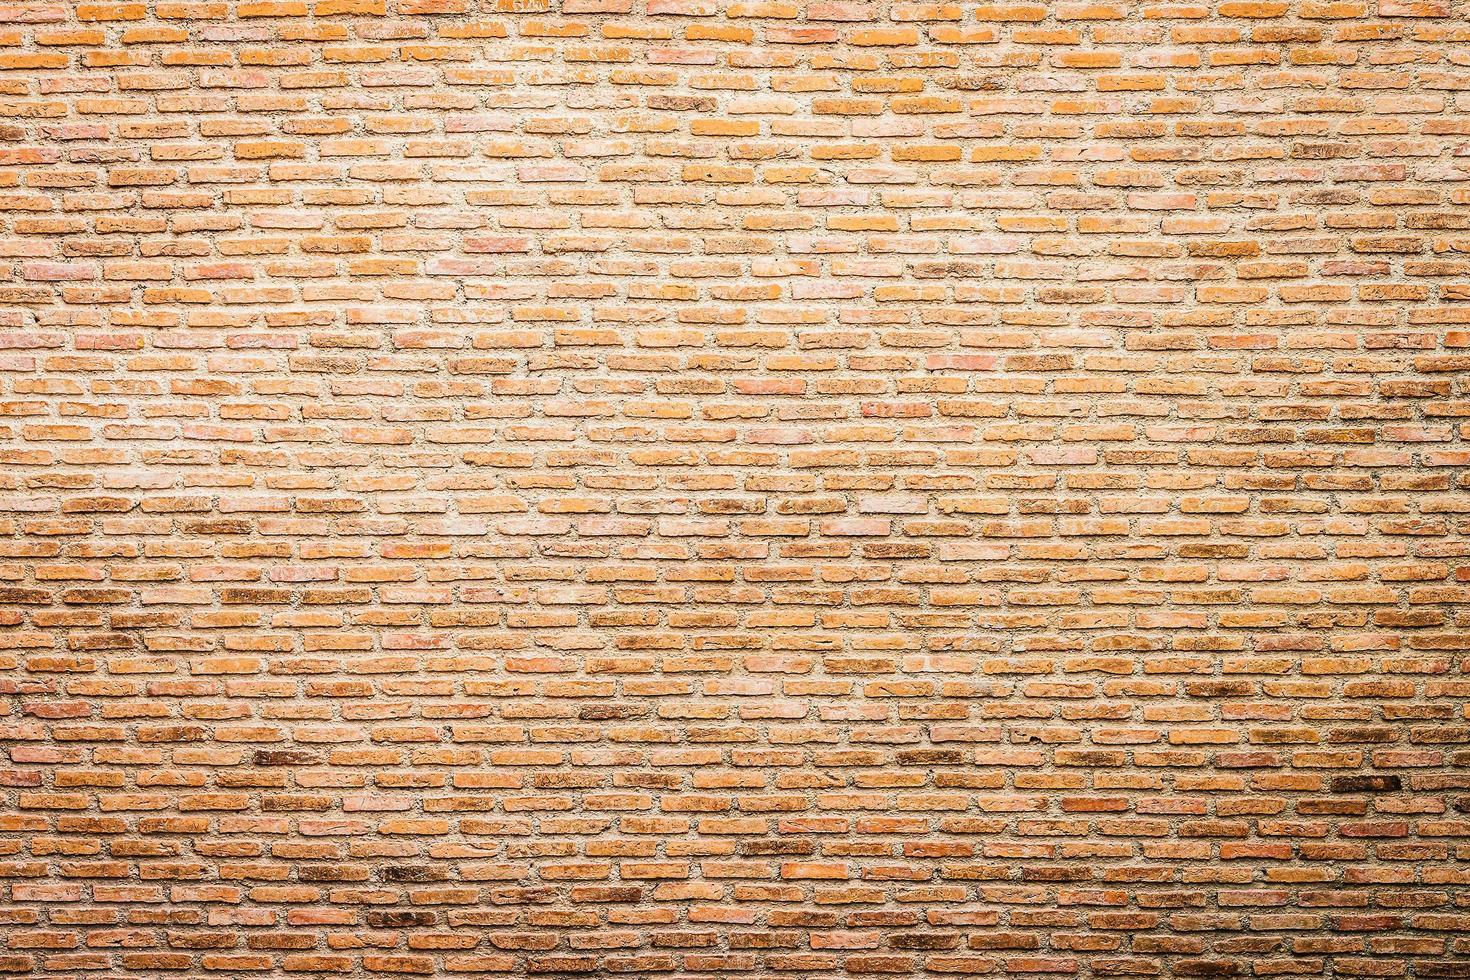 fundo de texturas de parede de tijolo foto